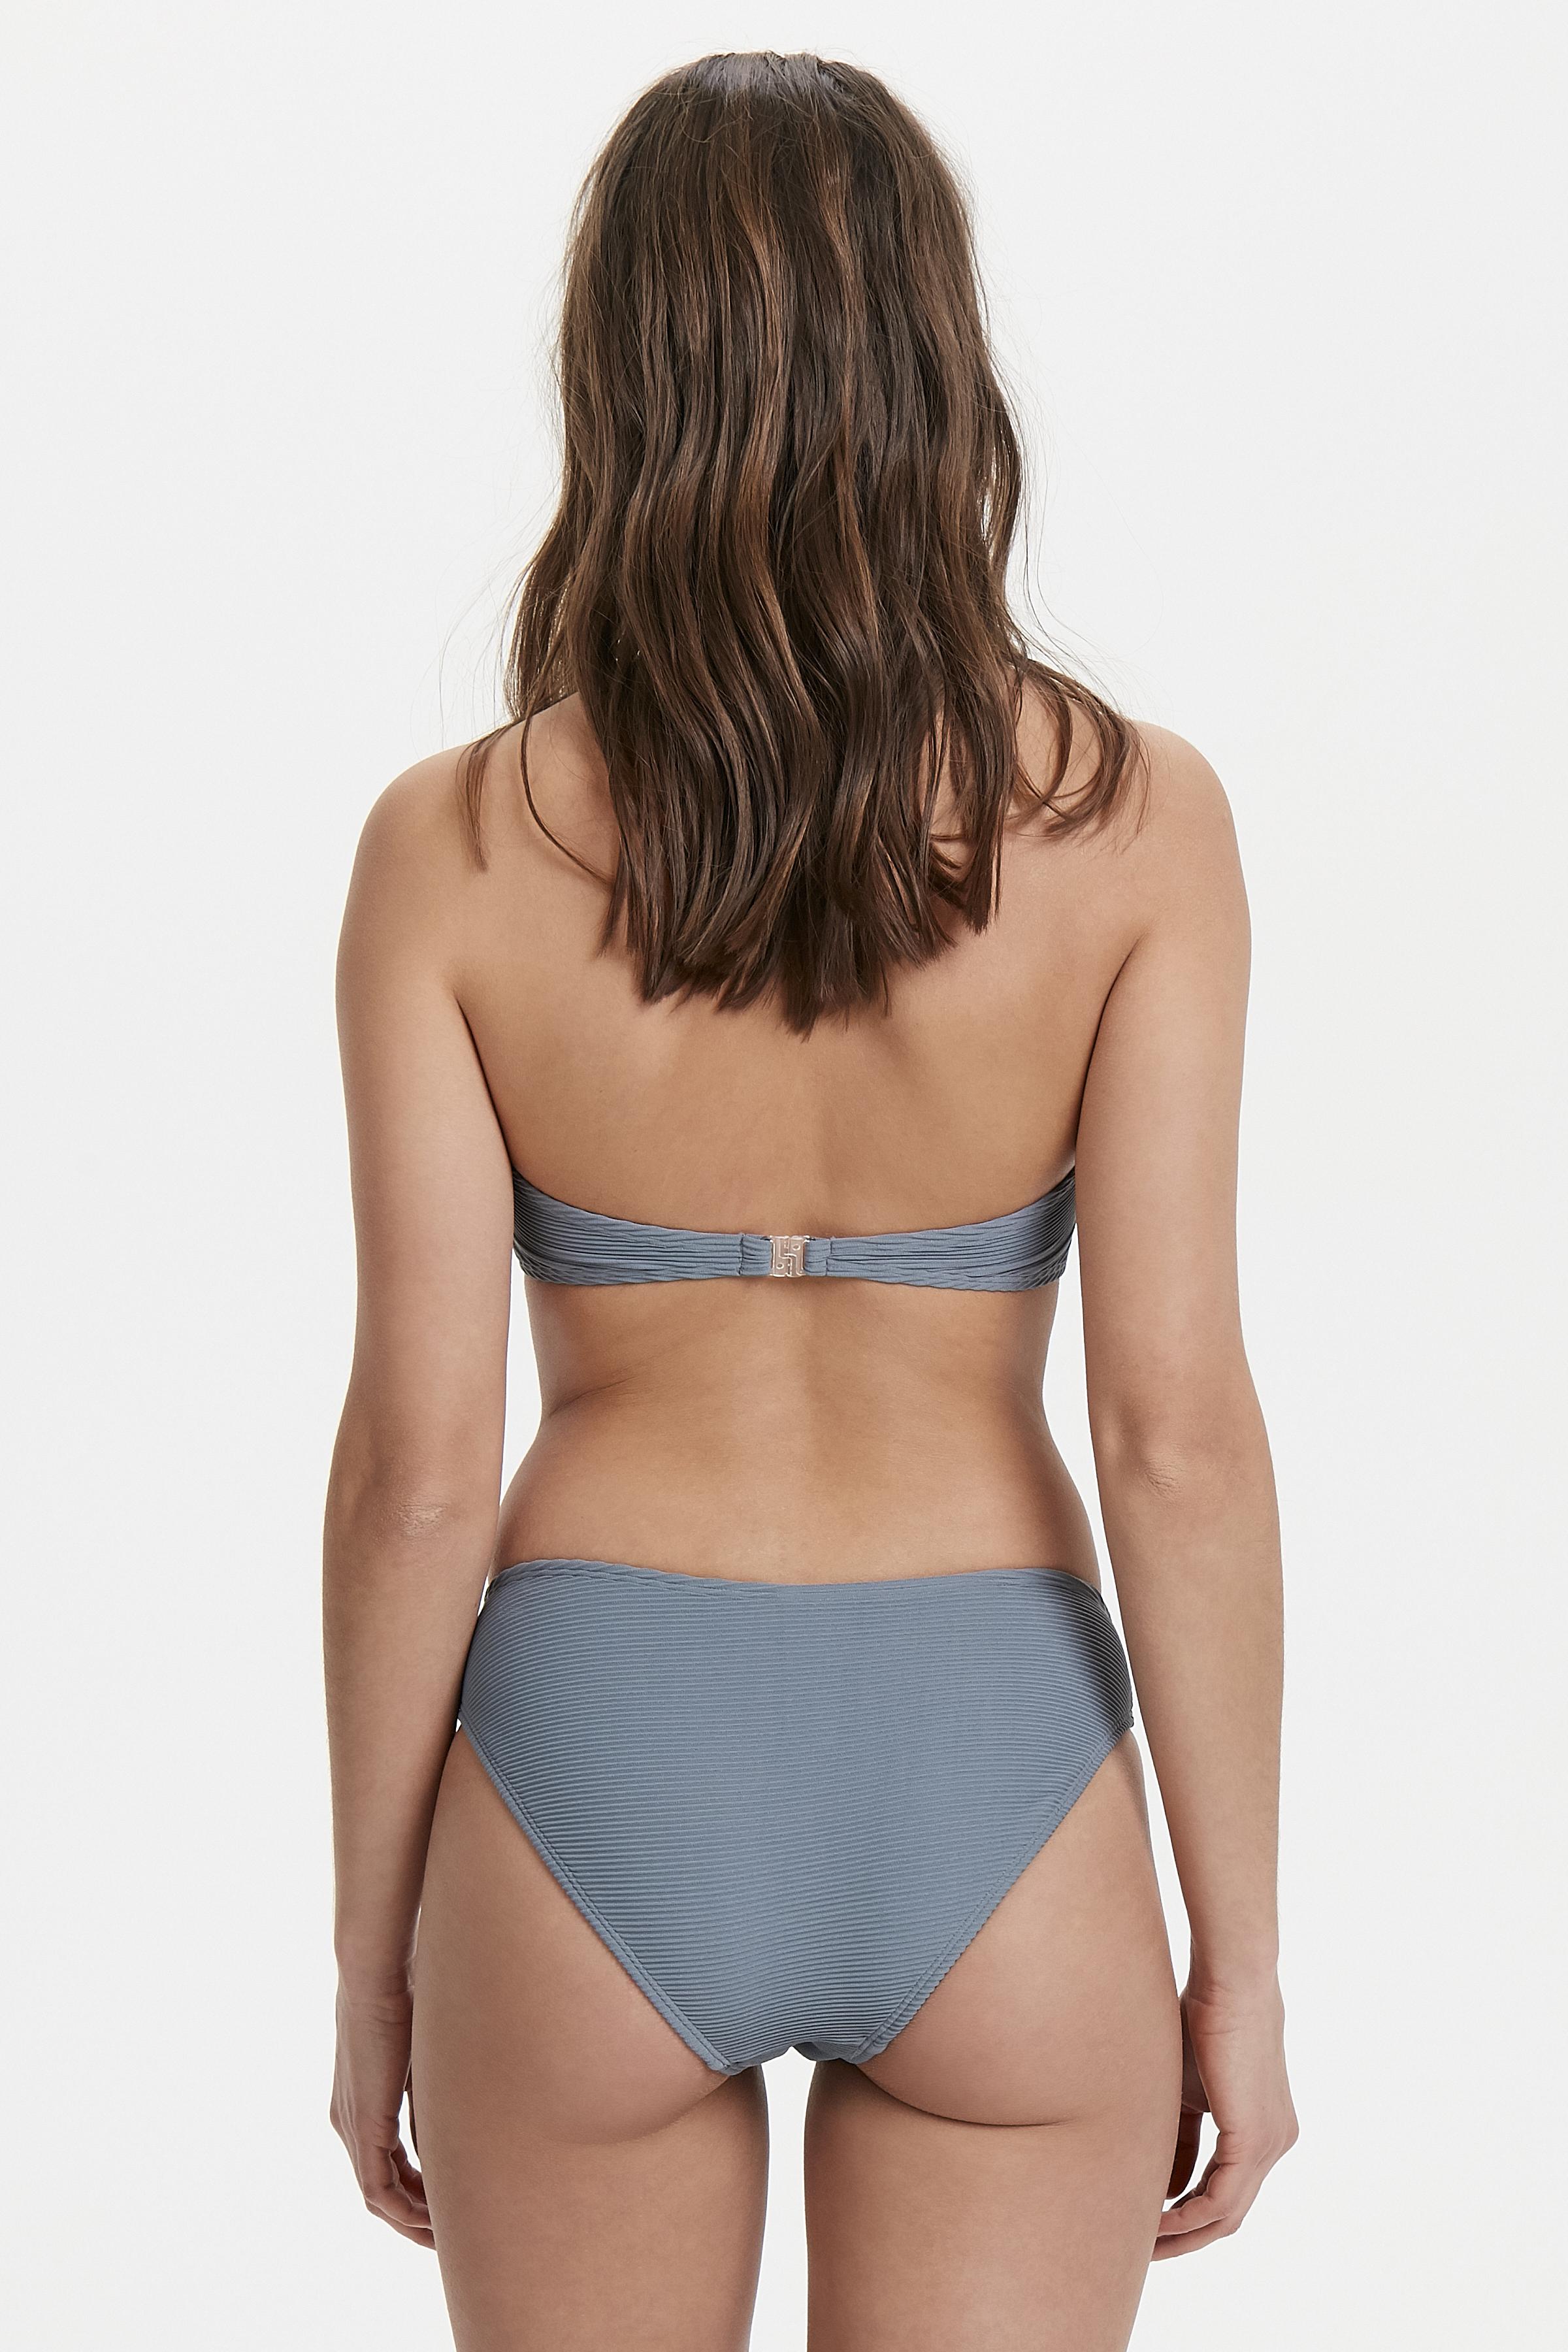 Blue Mirage Badetøj – Køb Blue Mirage Badetøj fra str. XS/S-M/L her